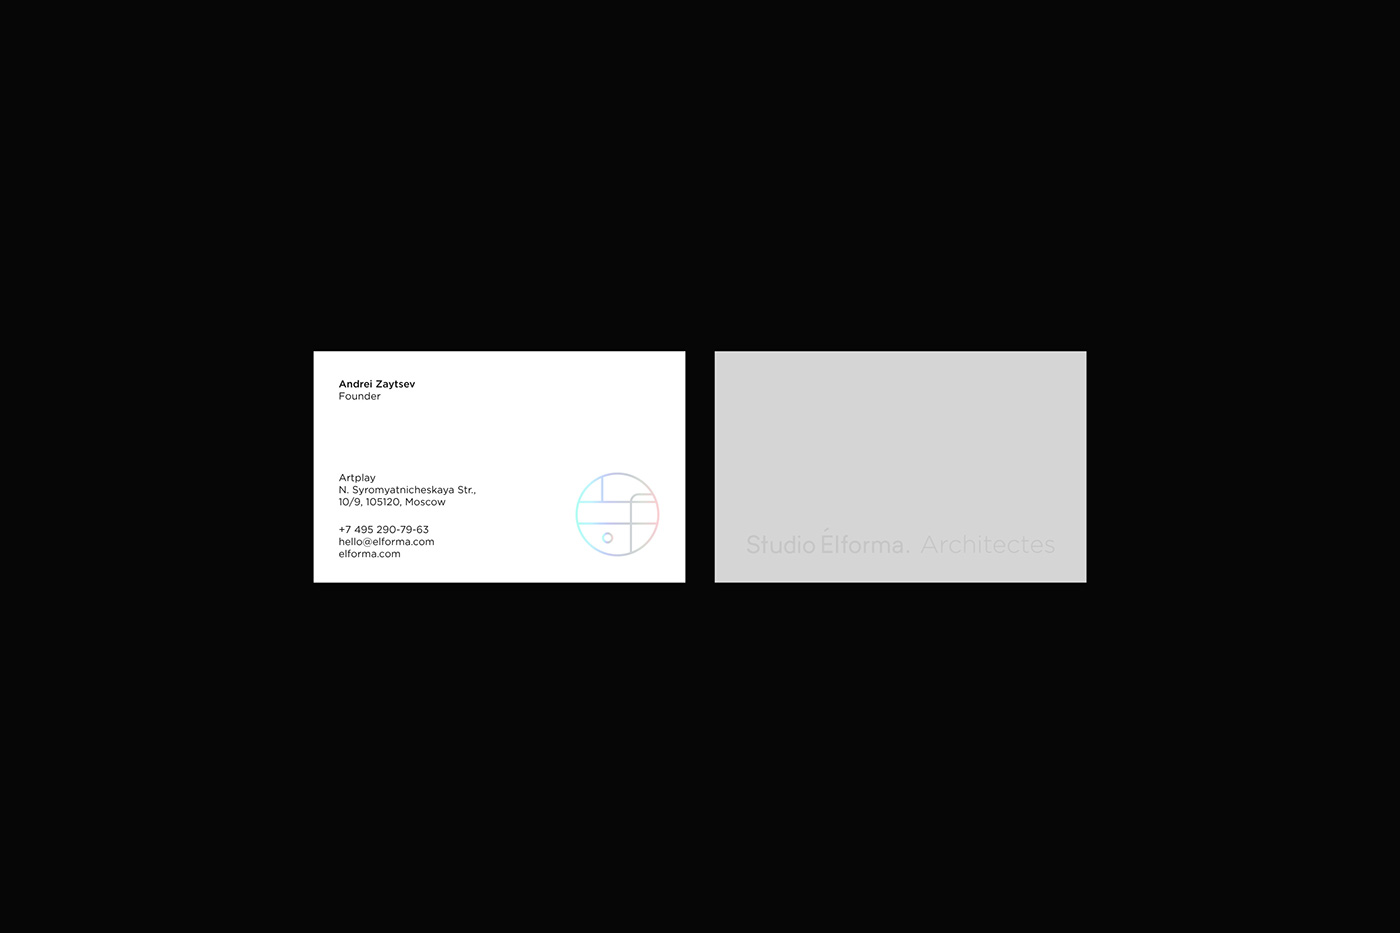 minimal clean architecture UI UI/UX site identity